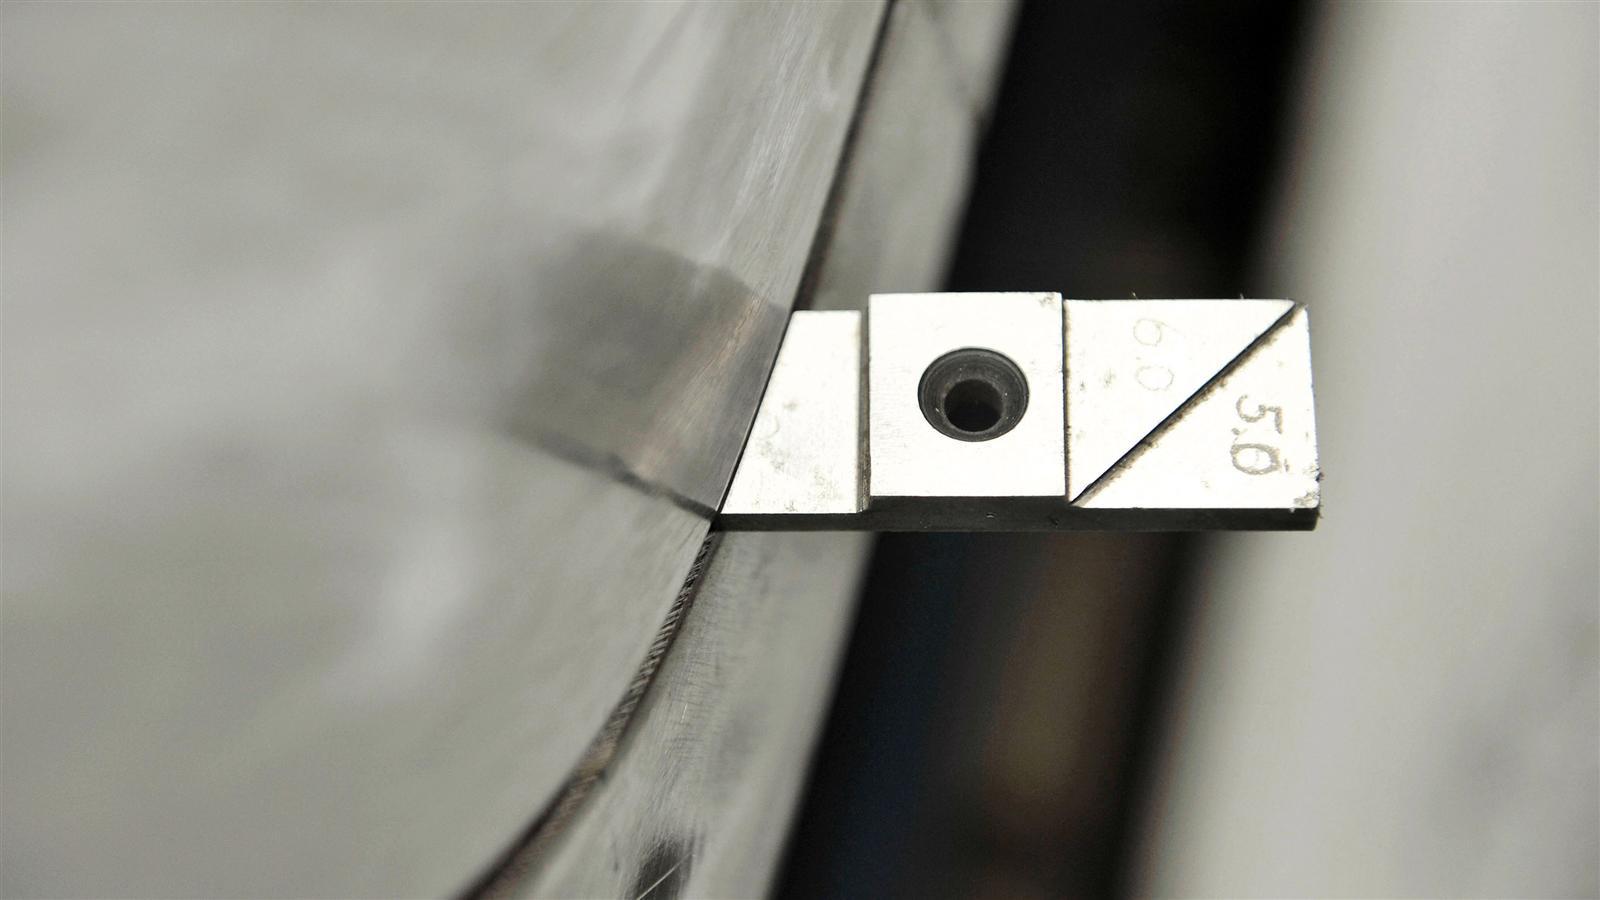 Porsche 911 Factory Restoration spacing tool